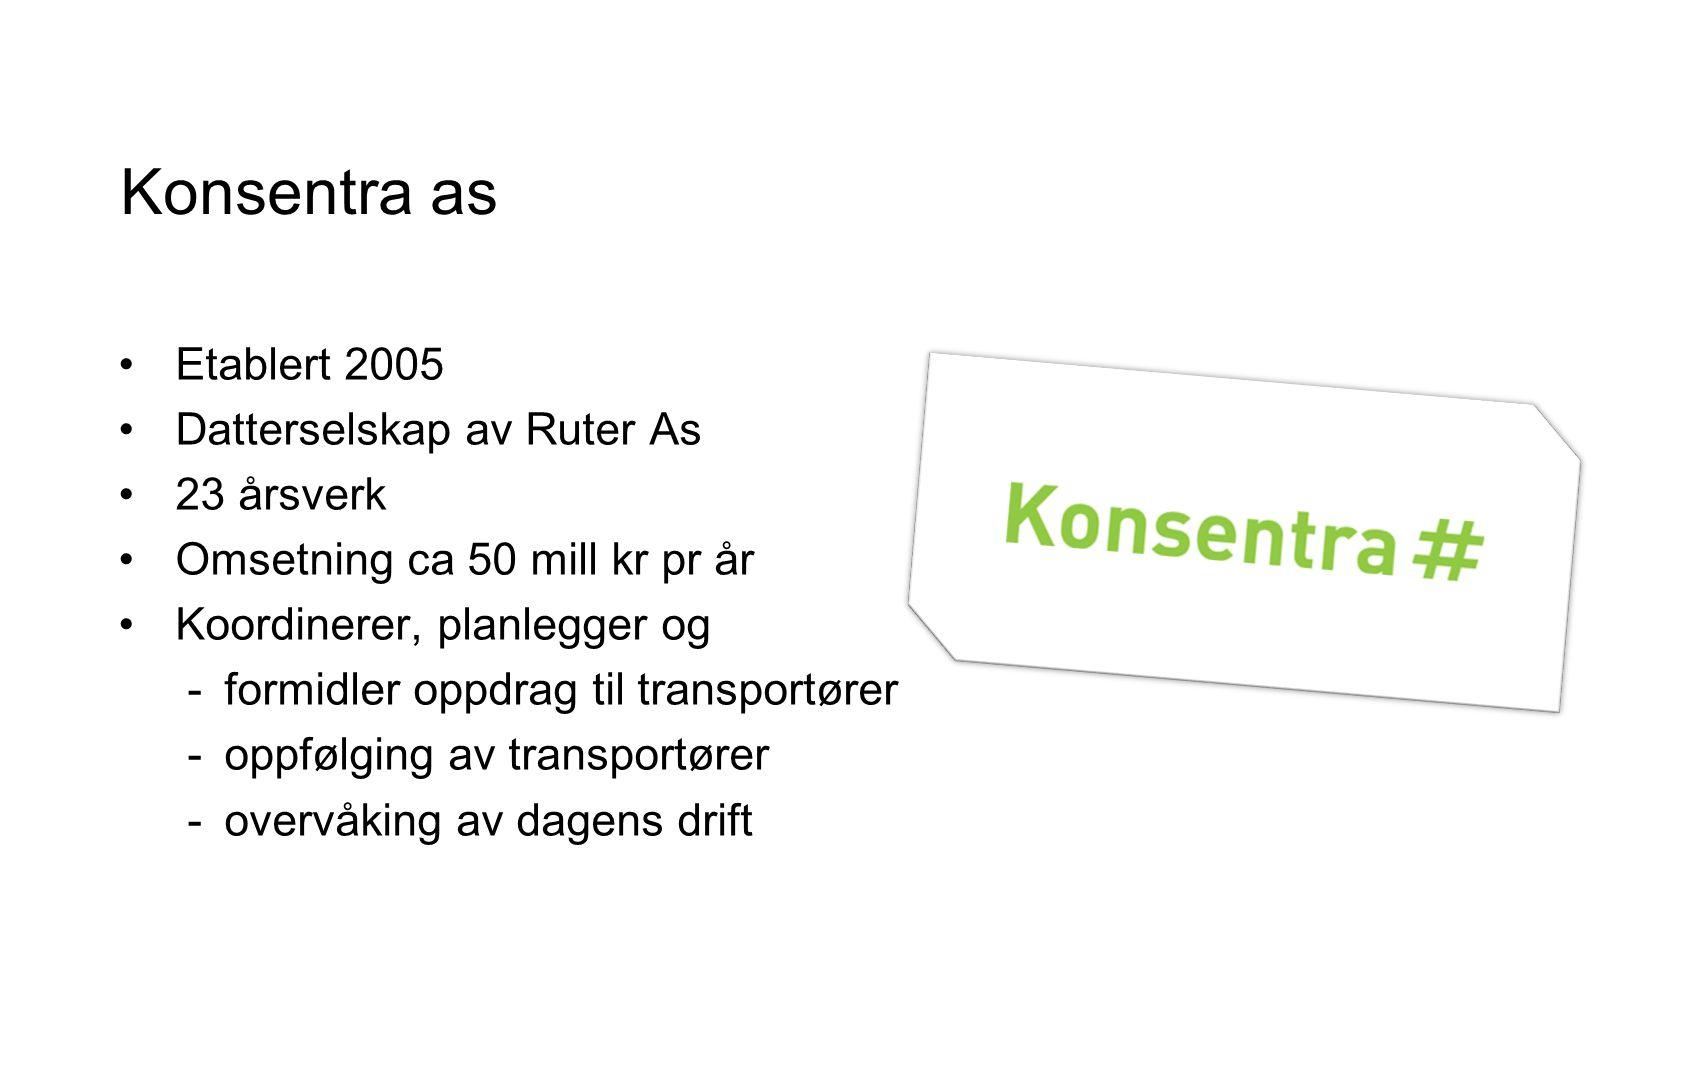 Etablert 2005 Datterselskap av Ruter As 23 årsverk Omsetning ca 50 mill kr pr år Koordinerer, planlegger og  formidler oppdrag til transportører  op